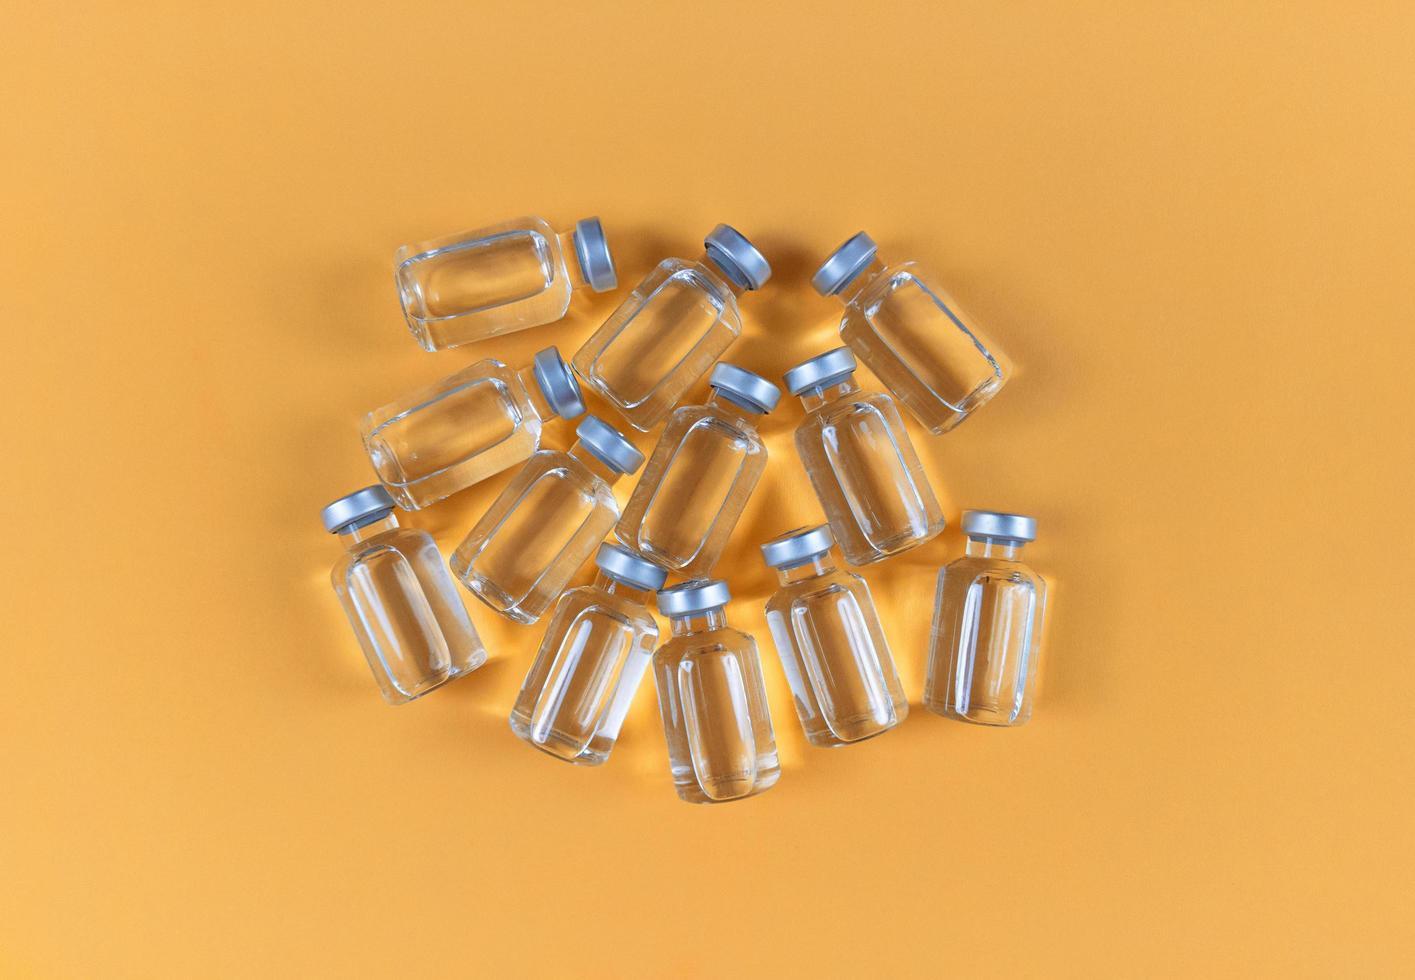 muchos viales con medicamento líquido sobre un fondo amarillo foto